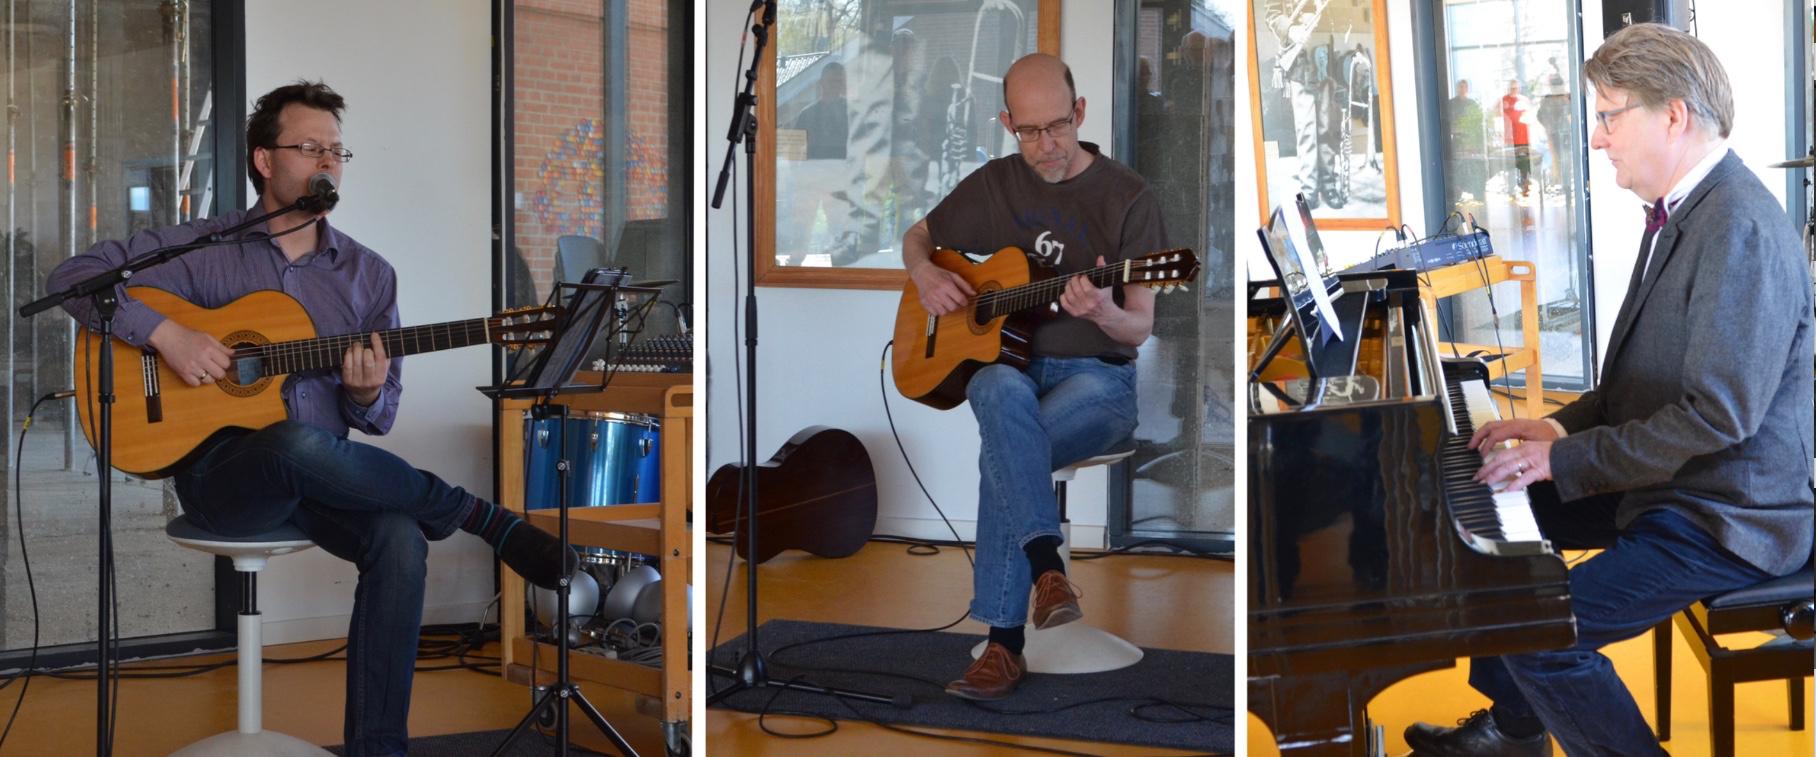 Ved traktementet blev der naturligvis underholdt med musik og fællessang. Fotos:AOB